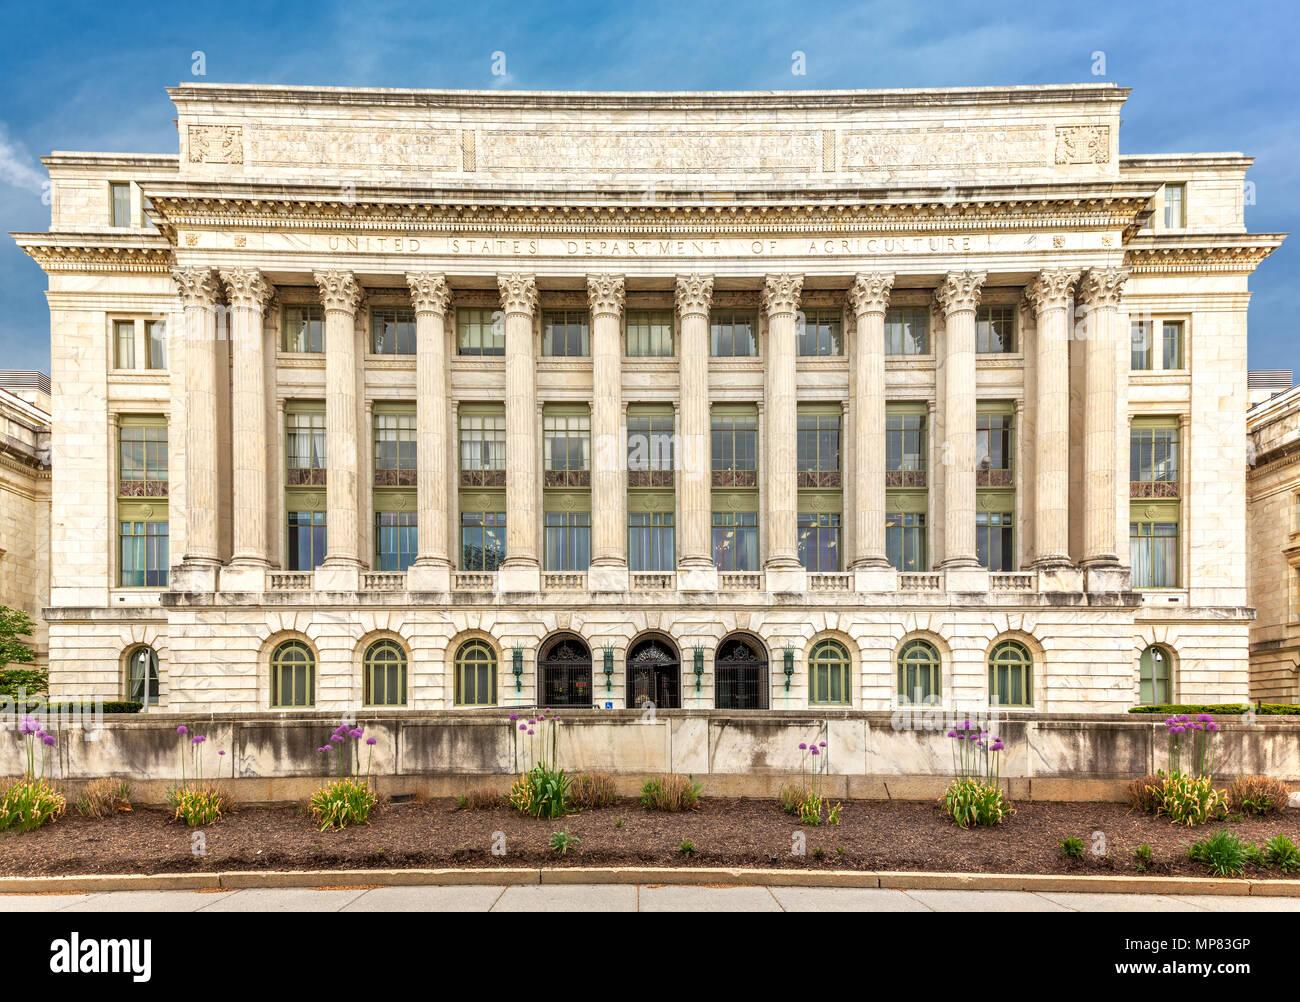 El Departamento de Agricultura de Estados Unidos (aka el edificio Jamie L. Whitten) en Washington DC. Foto de stock